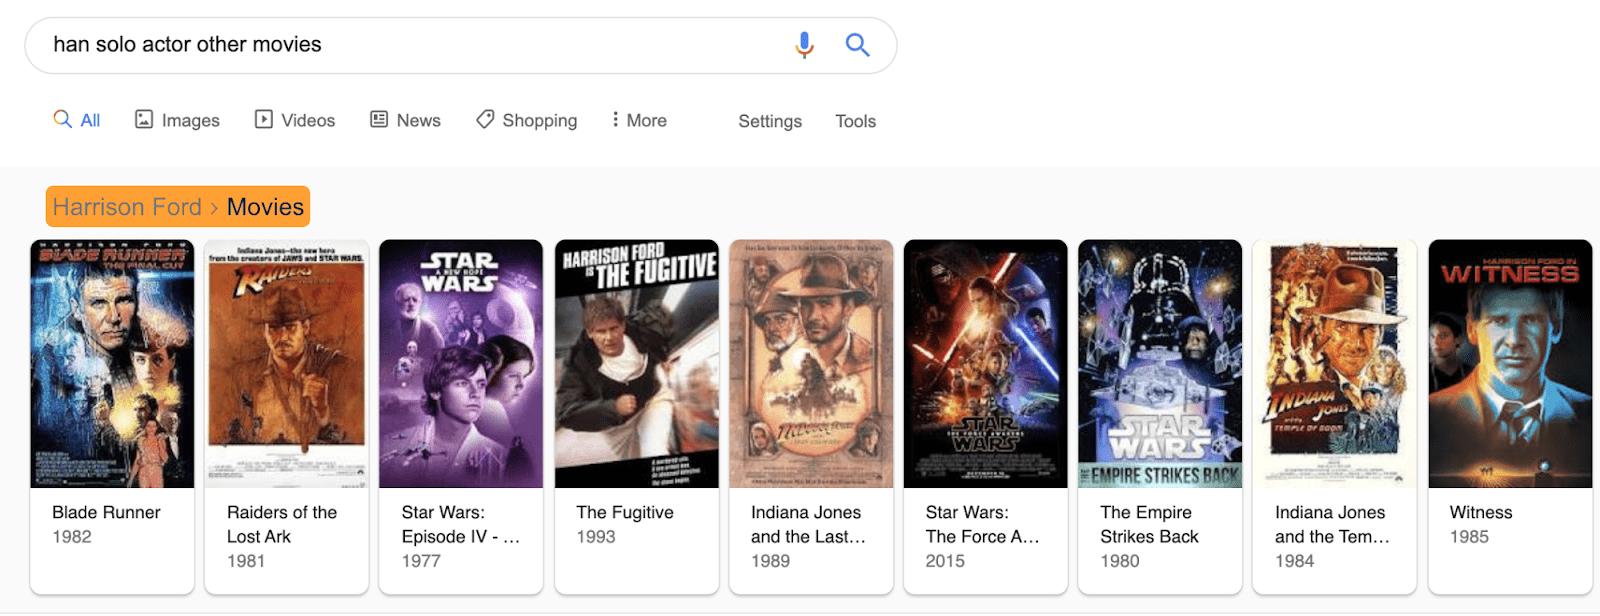 1 han solo movies